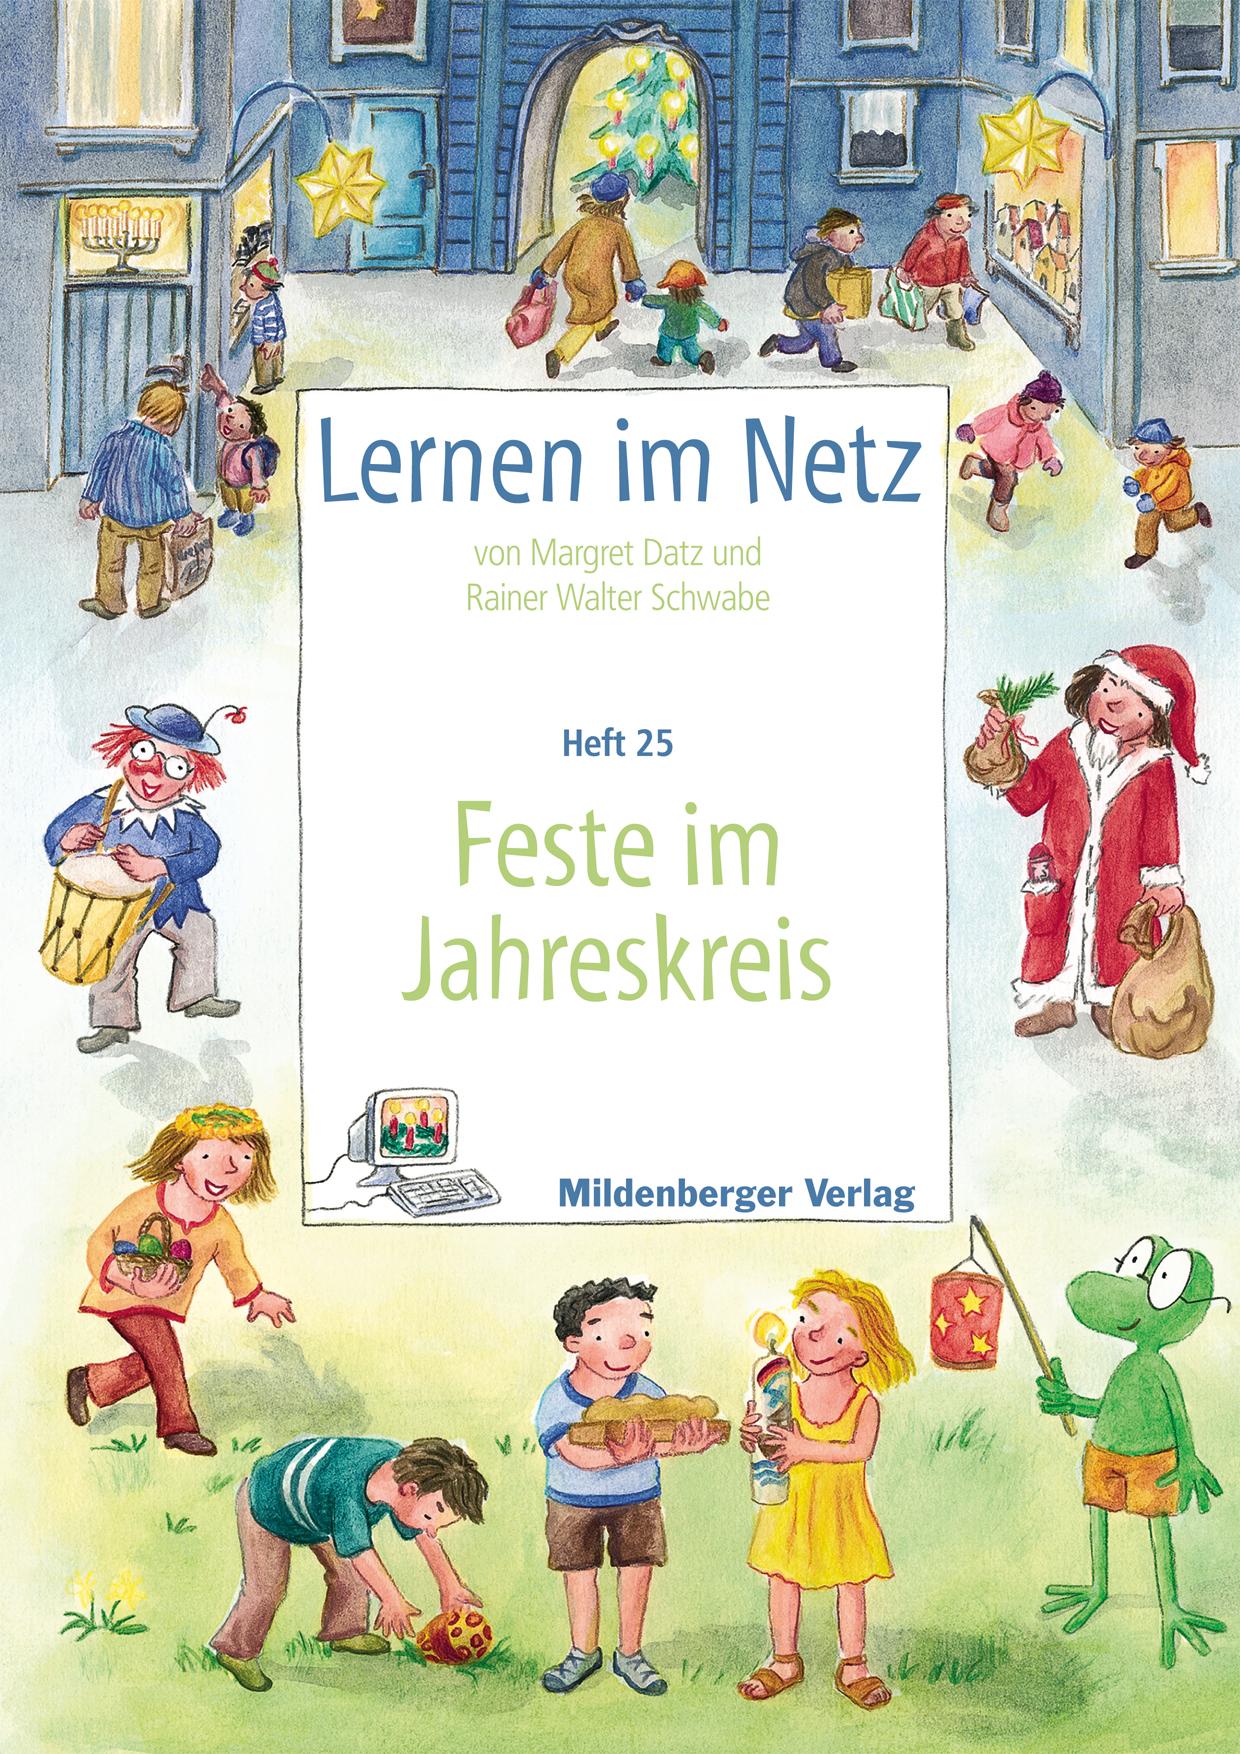 Lernen im Netz - Heft 25: Feste im Jahreskreis